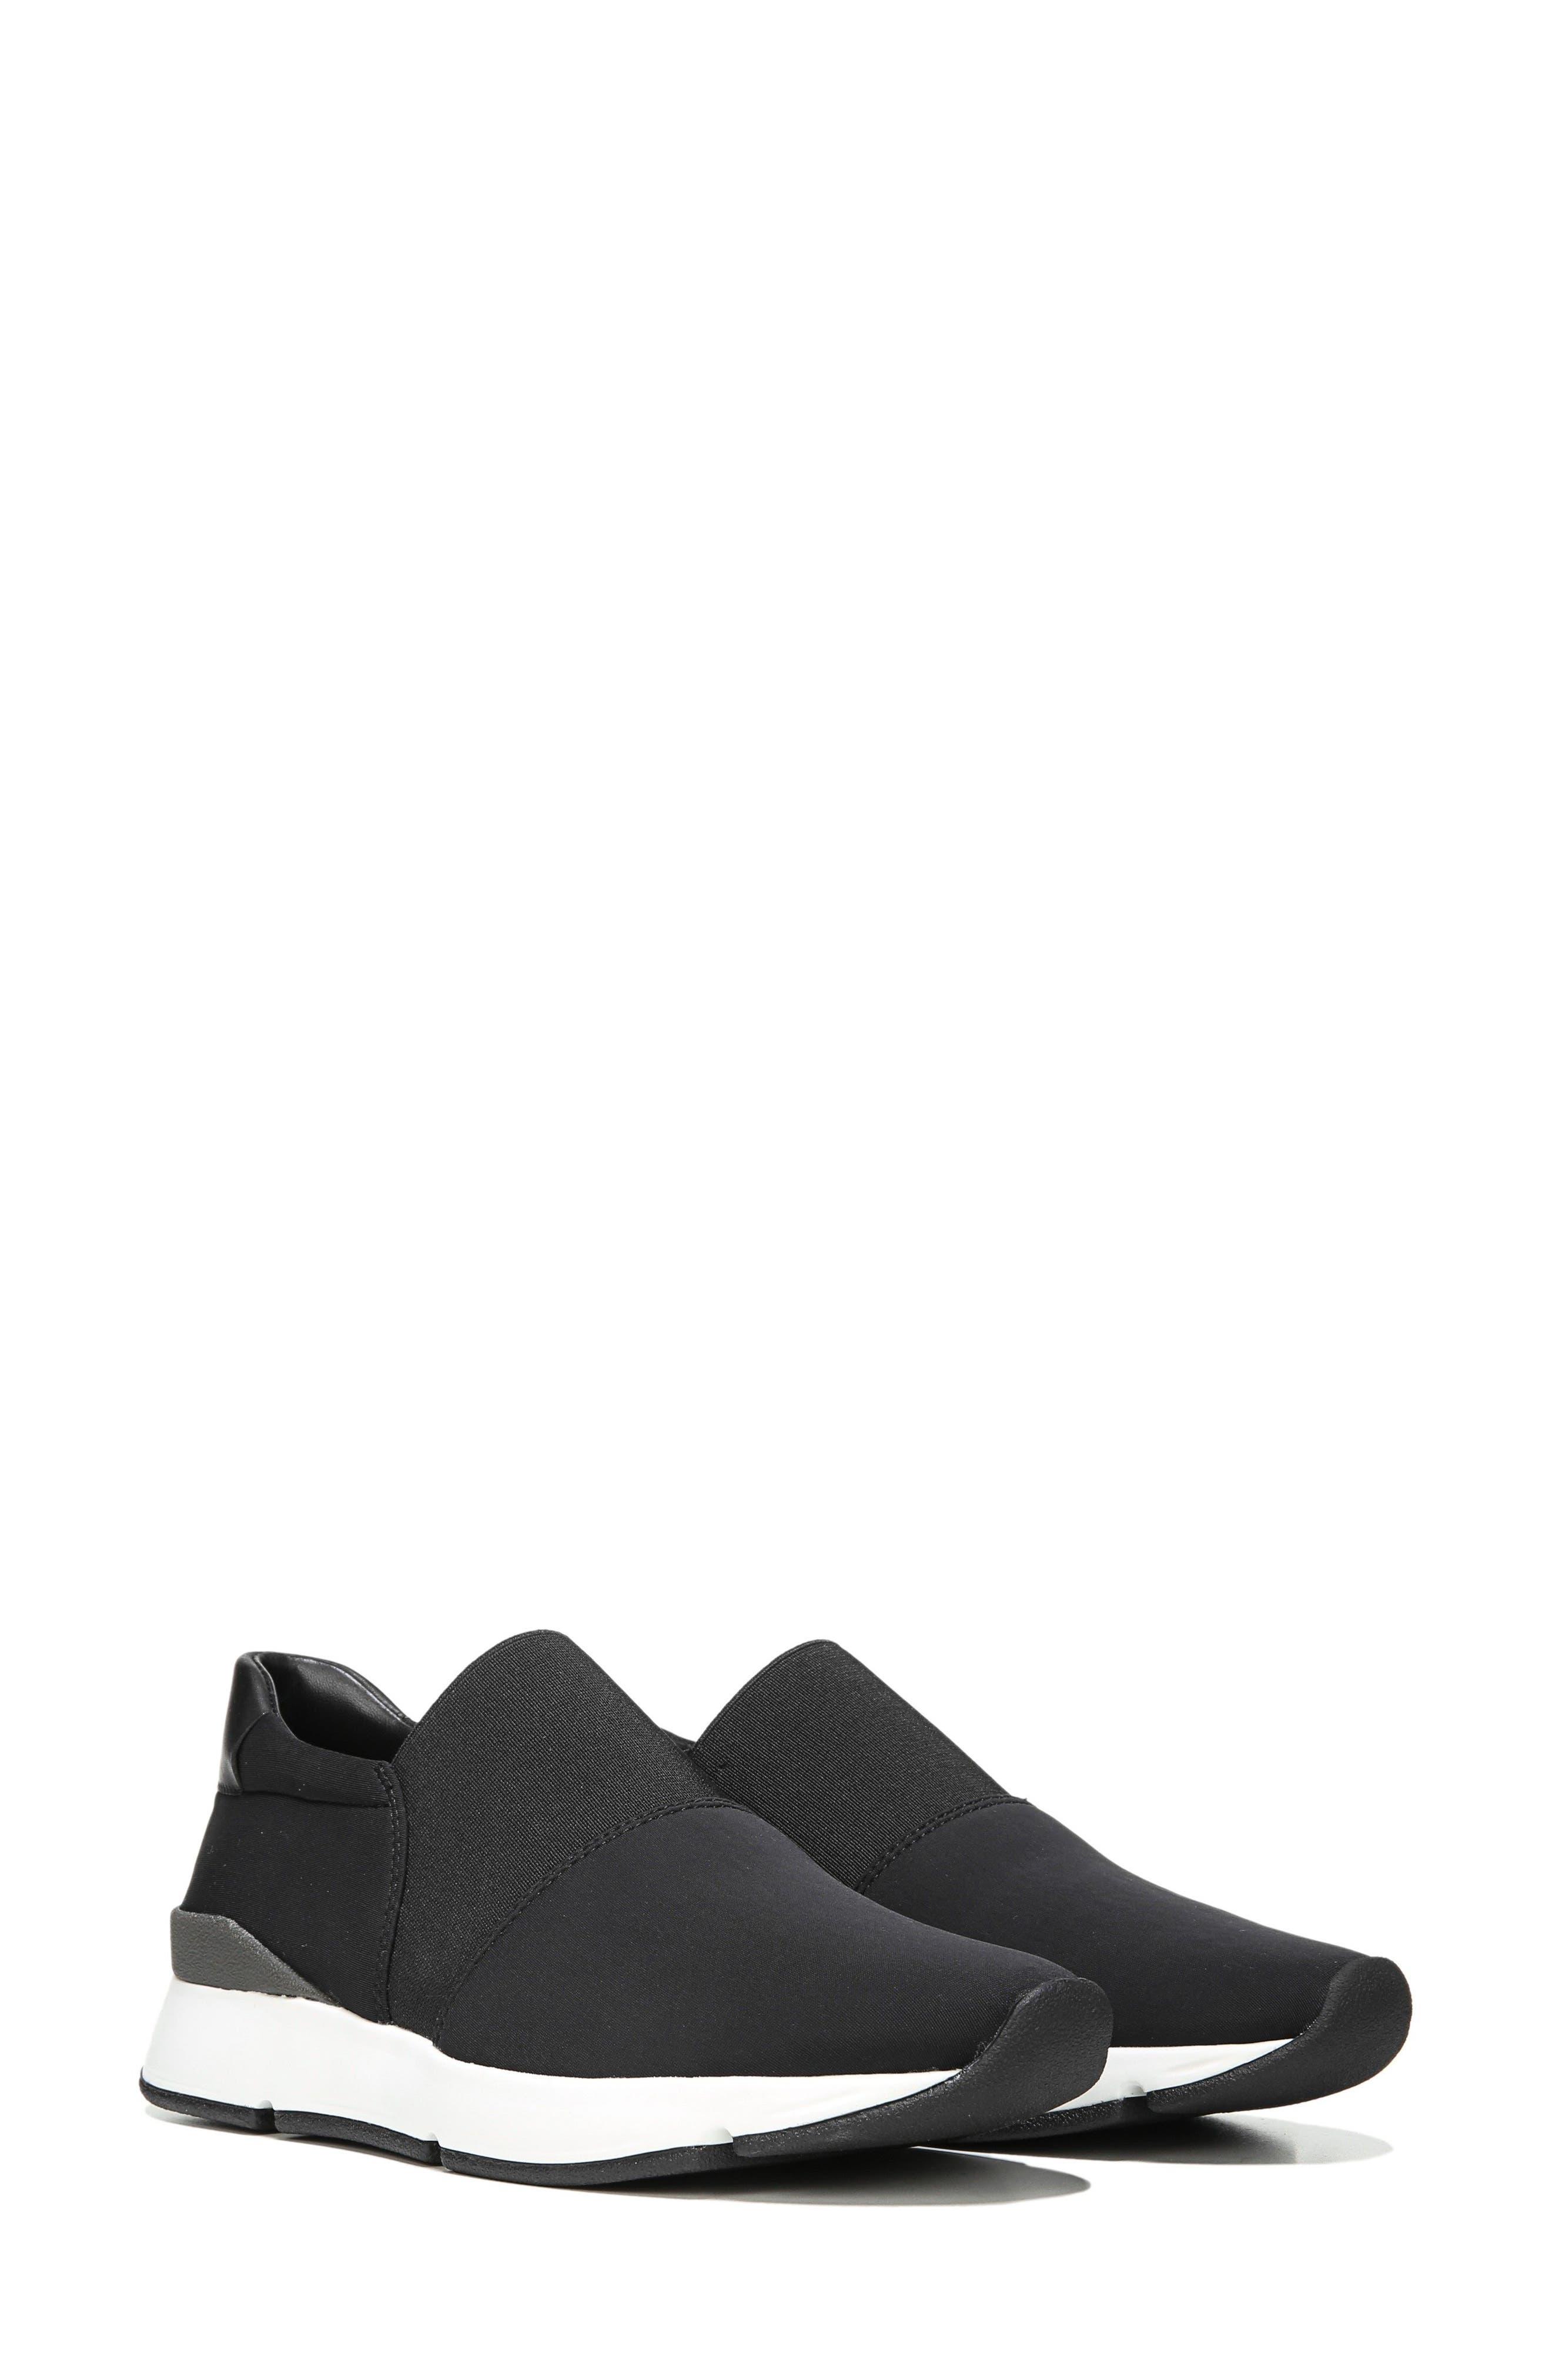 Truscott Slip-On Sneaker,                             Alternate thumbnail 7, color,                             001